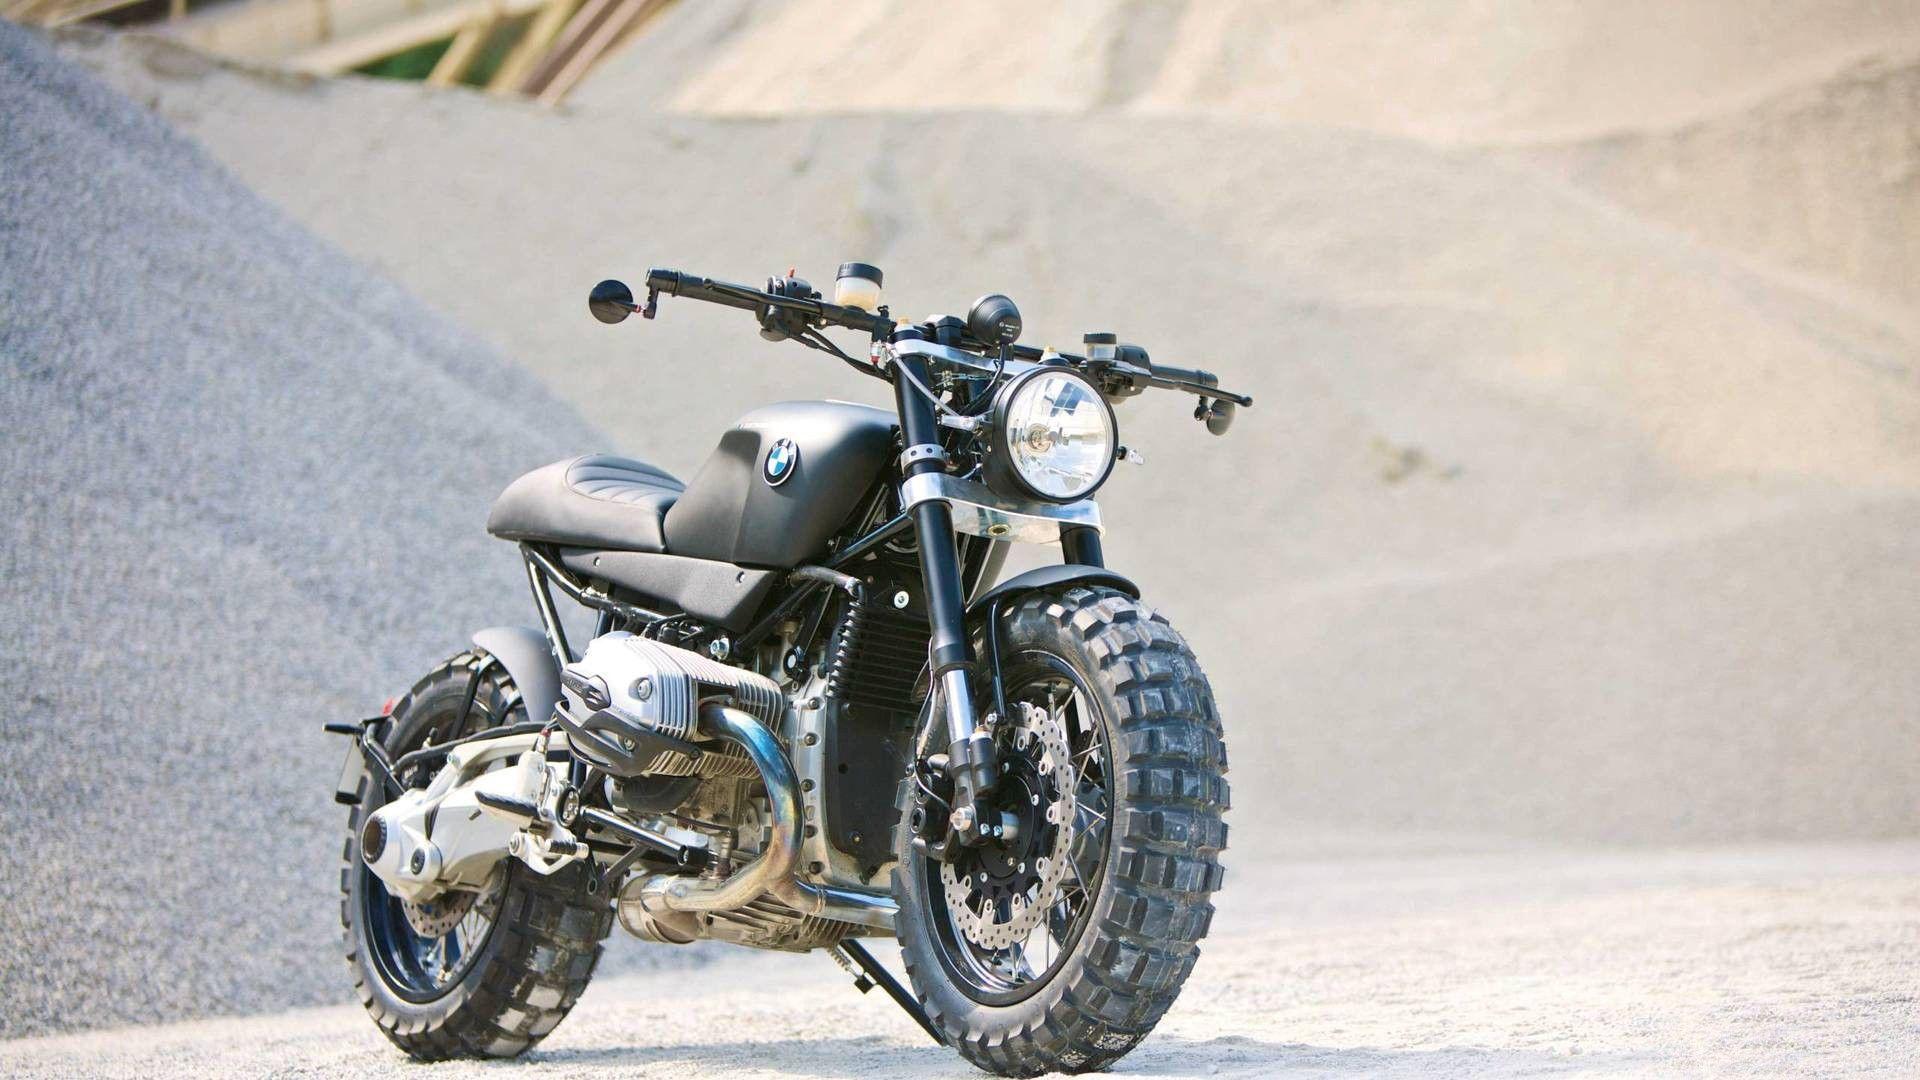 bmw bike hd wallpaper